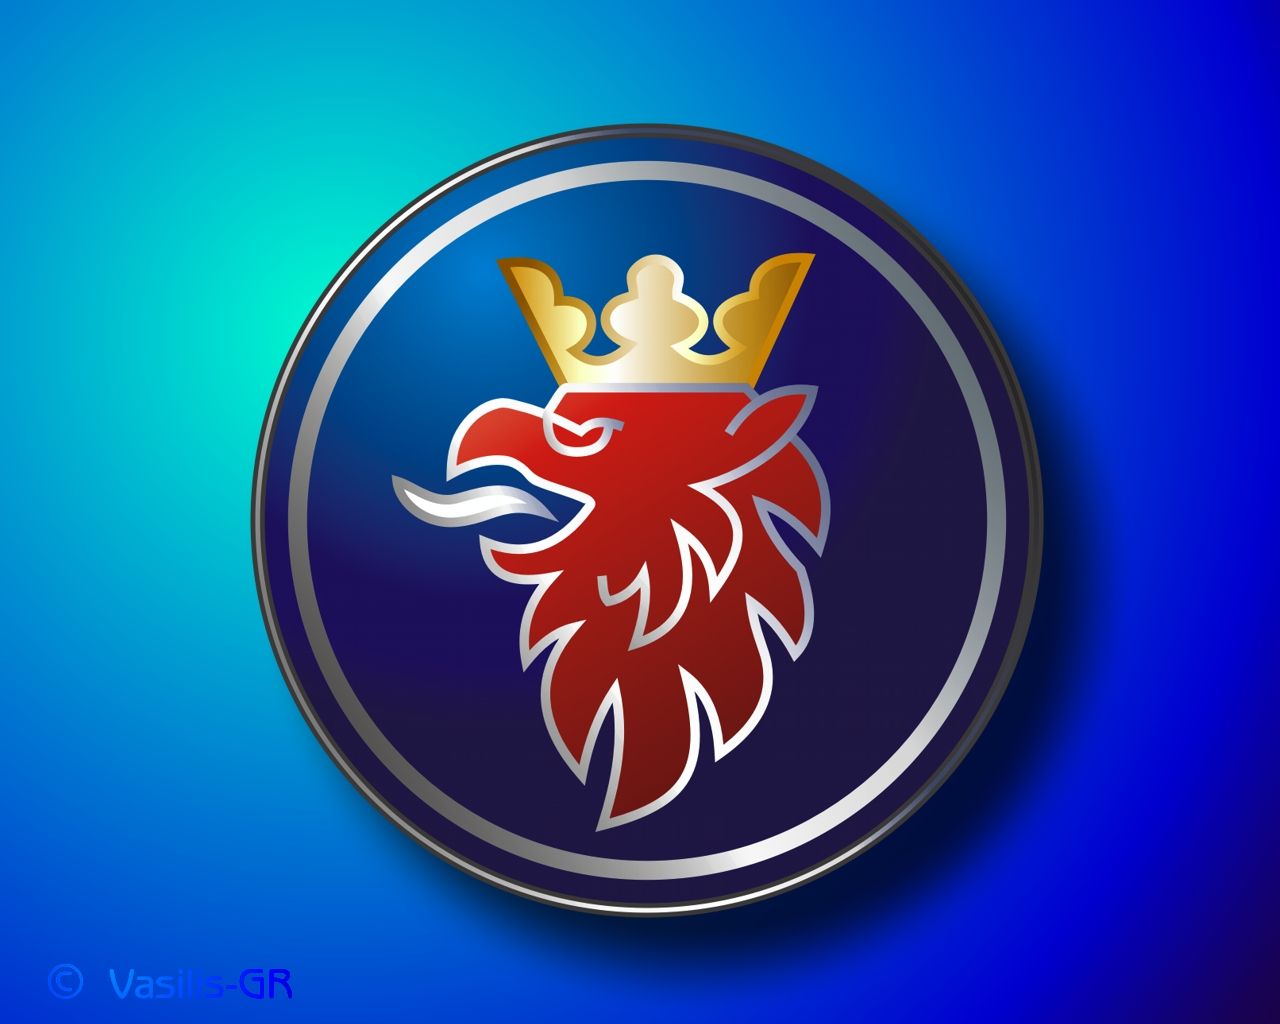 сааб логотип